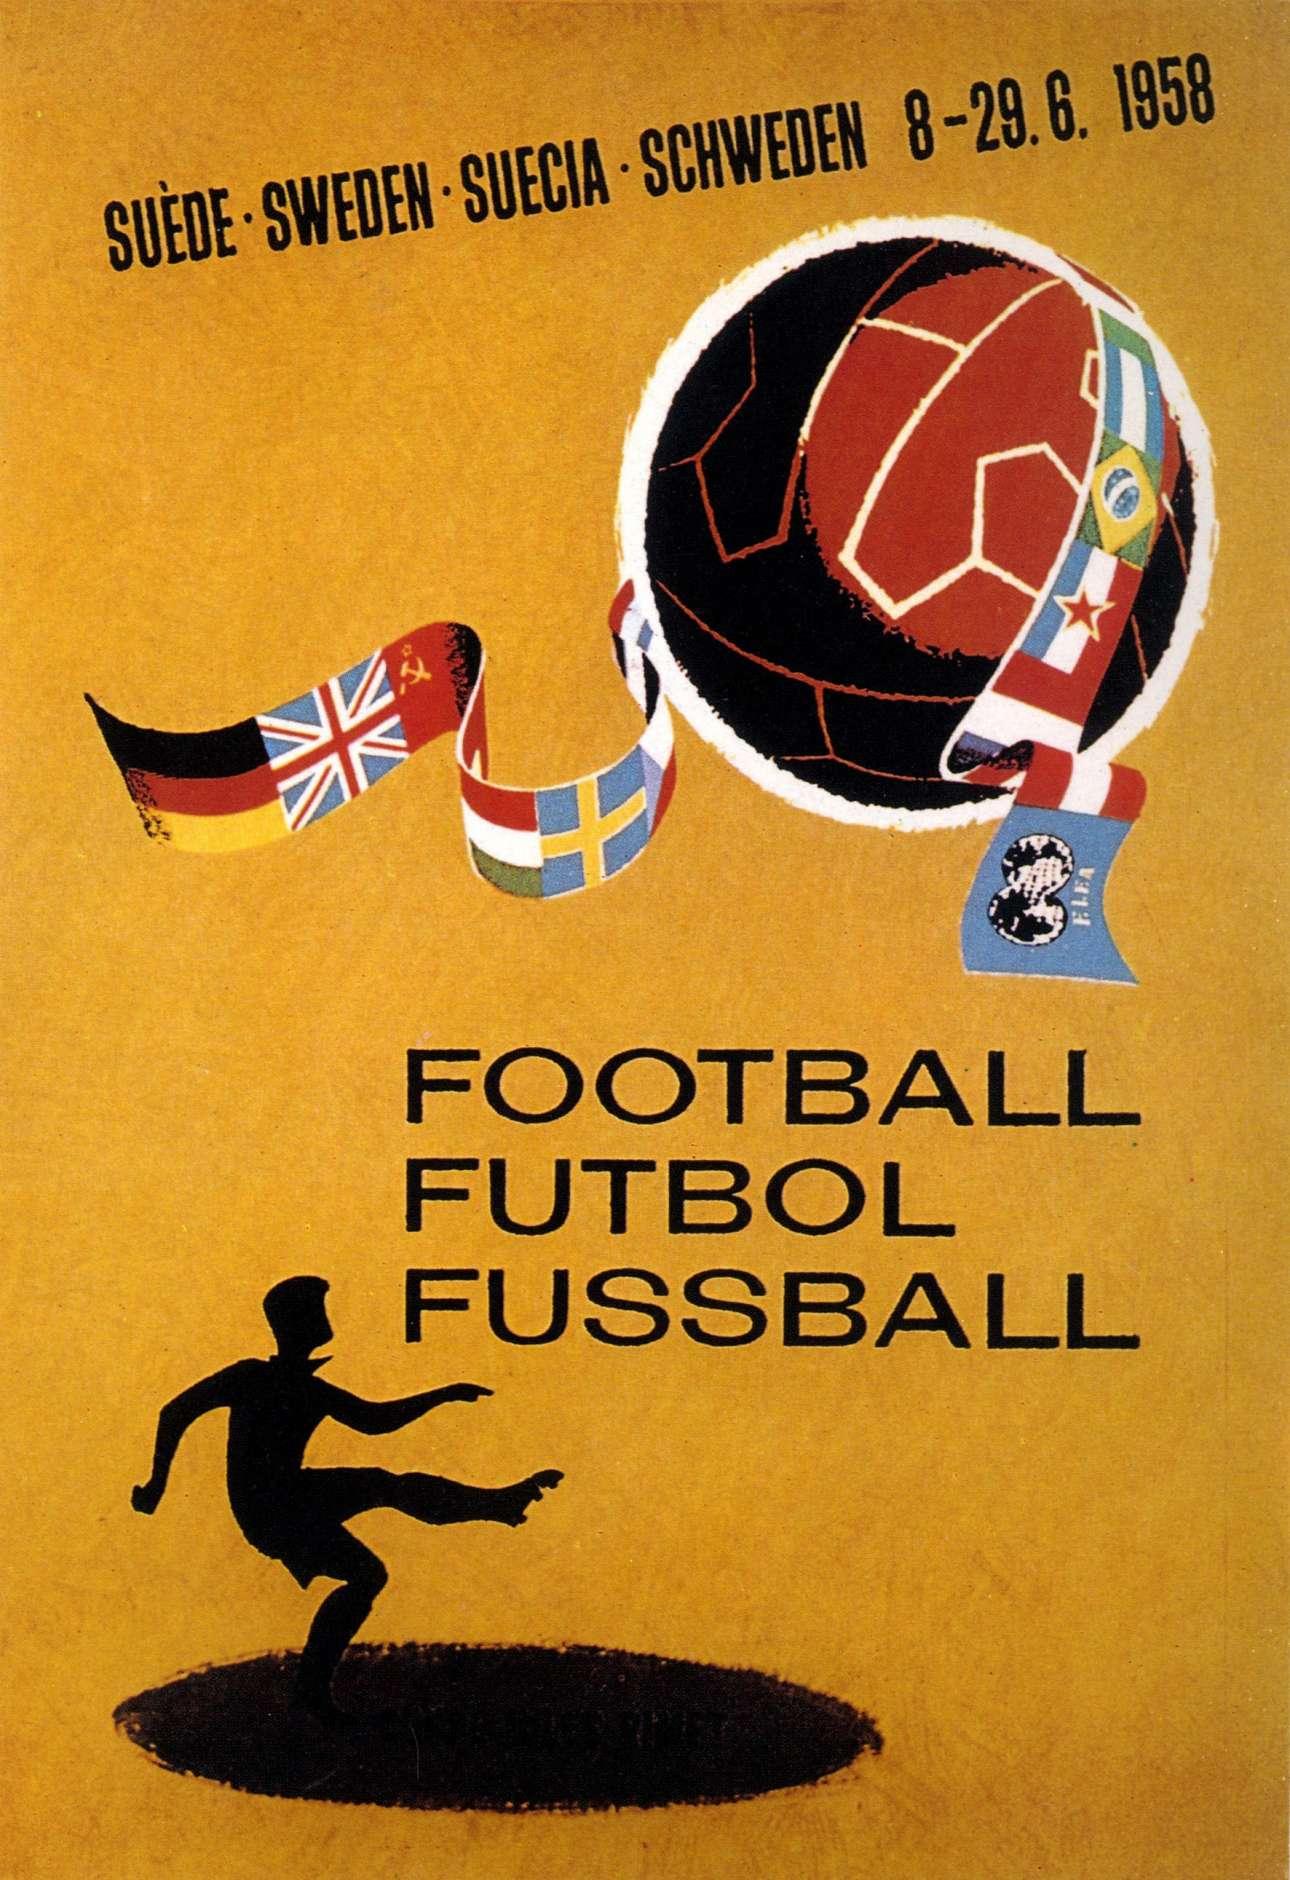 Σουηδία 1958. Πιο άρτιος σχεδιασμός και το ποδόσφαιρο σε τρεις διαφορετικές γλώσσες